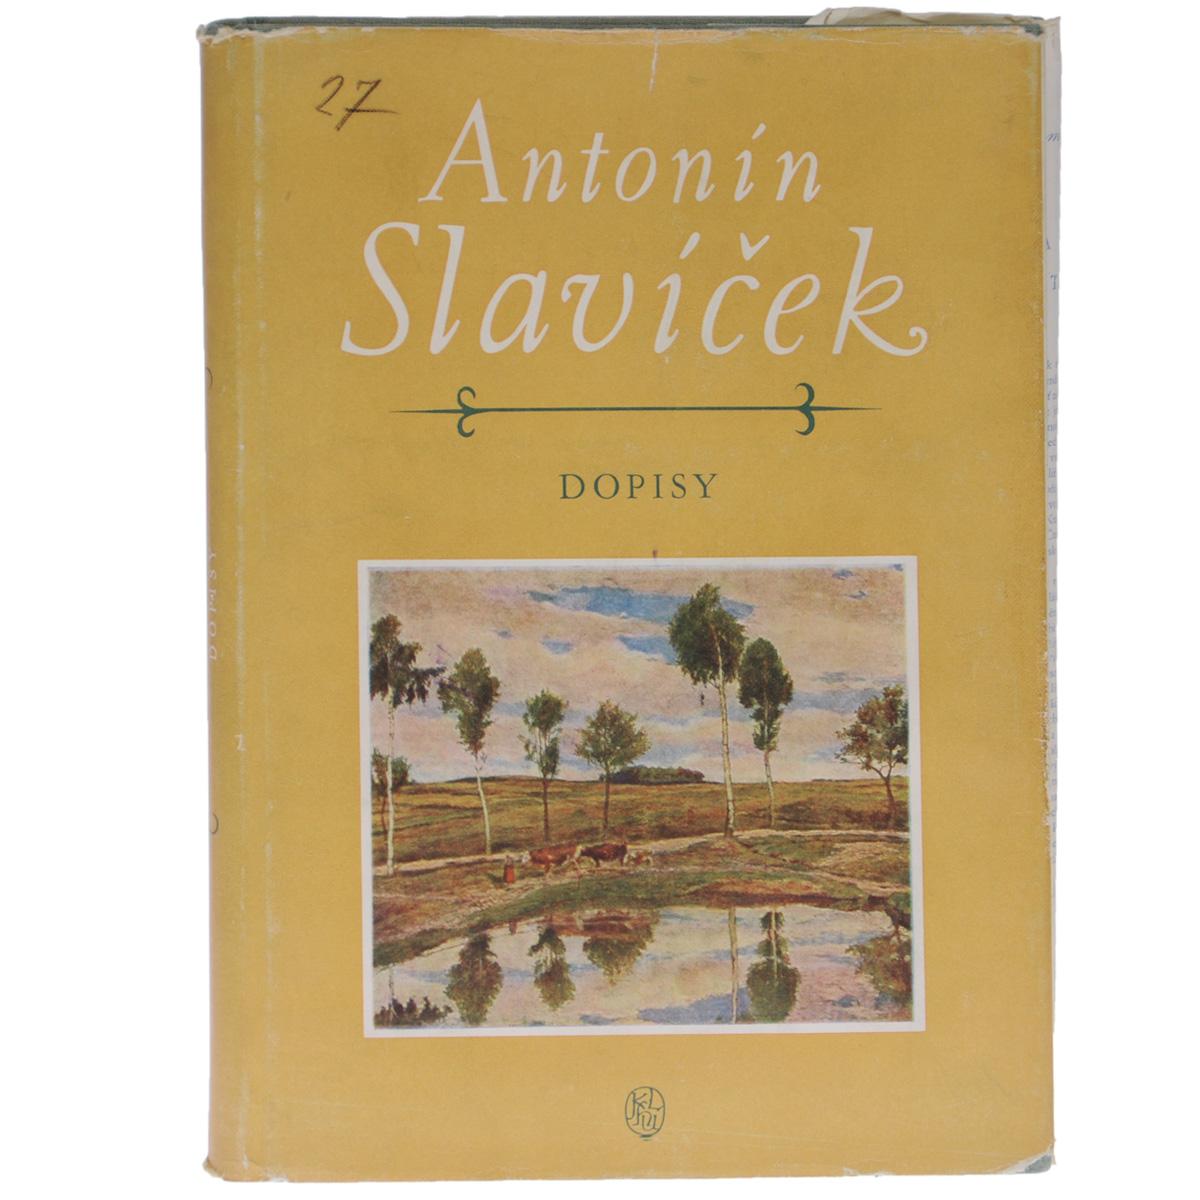 Antonin Slavicek: Dopisy